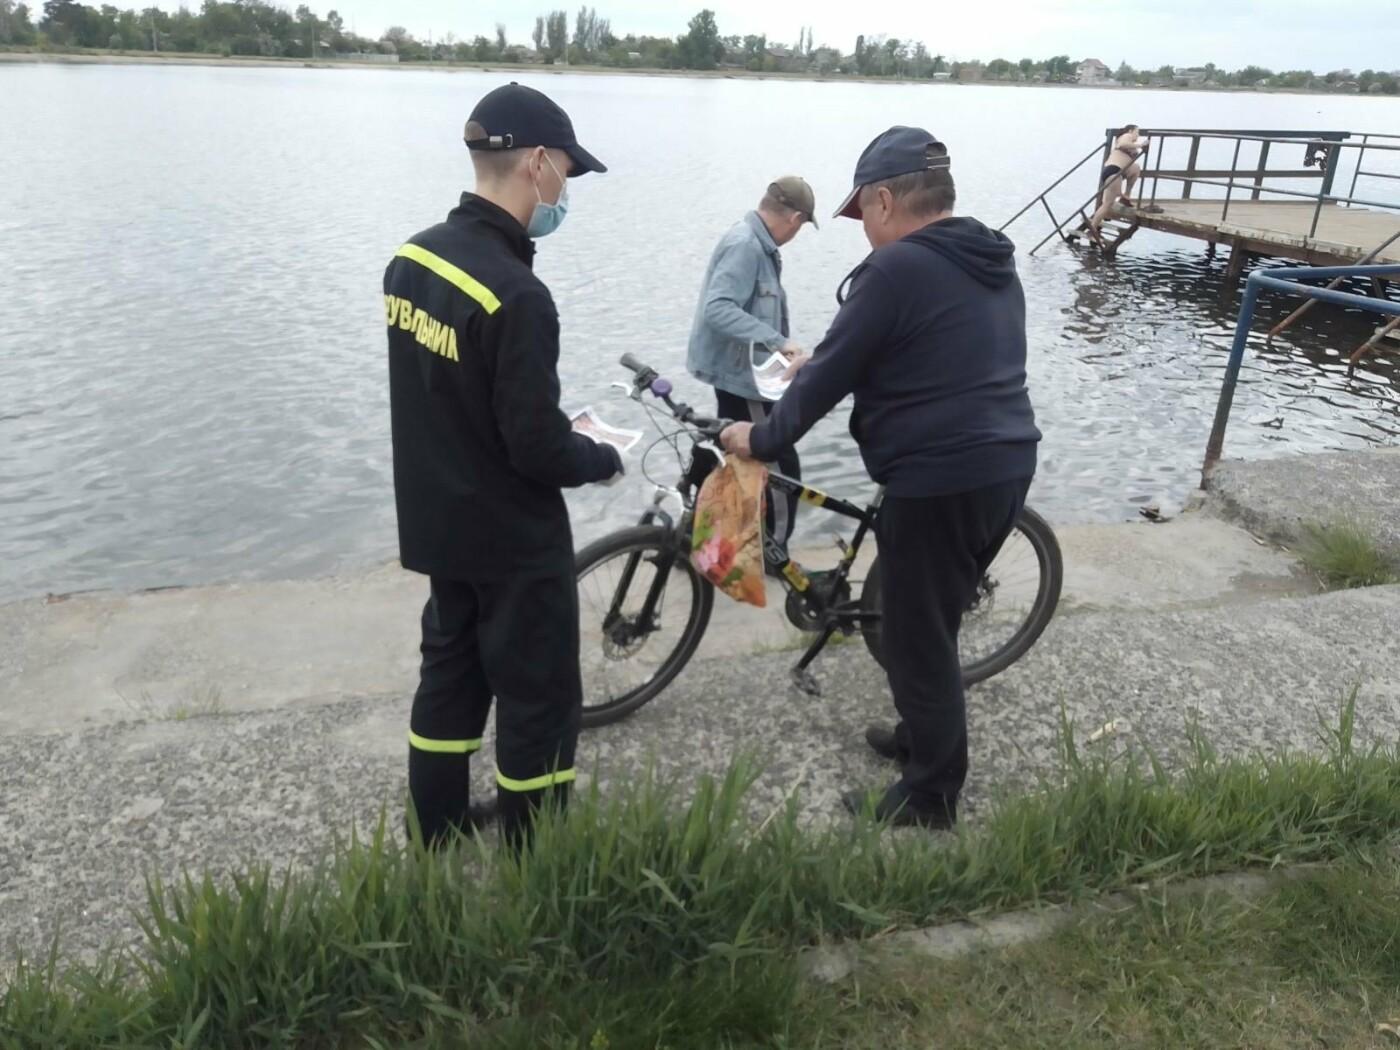 Рятувальники провели профілактичні бесіди з відпочивальниками на Словкурорті, фото-1